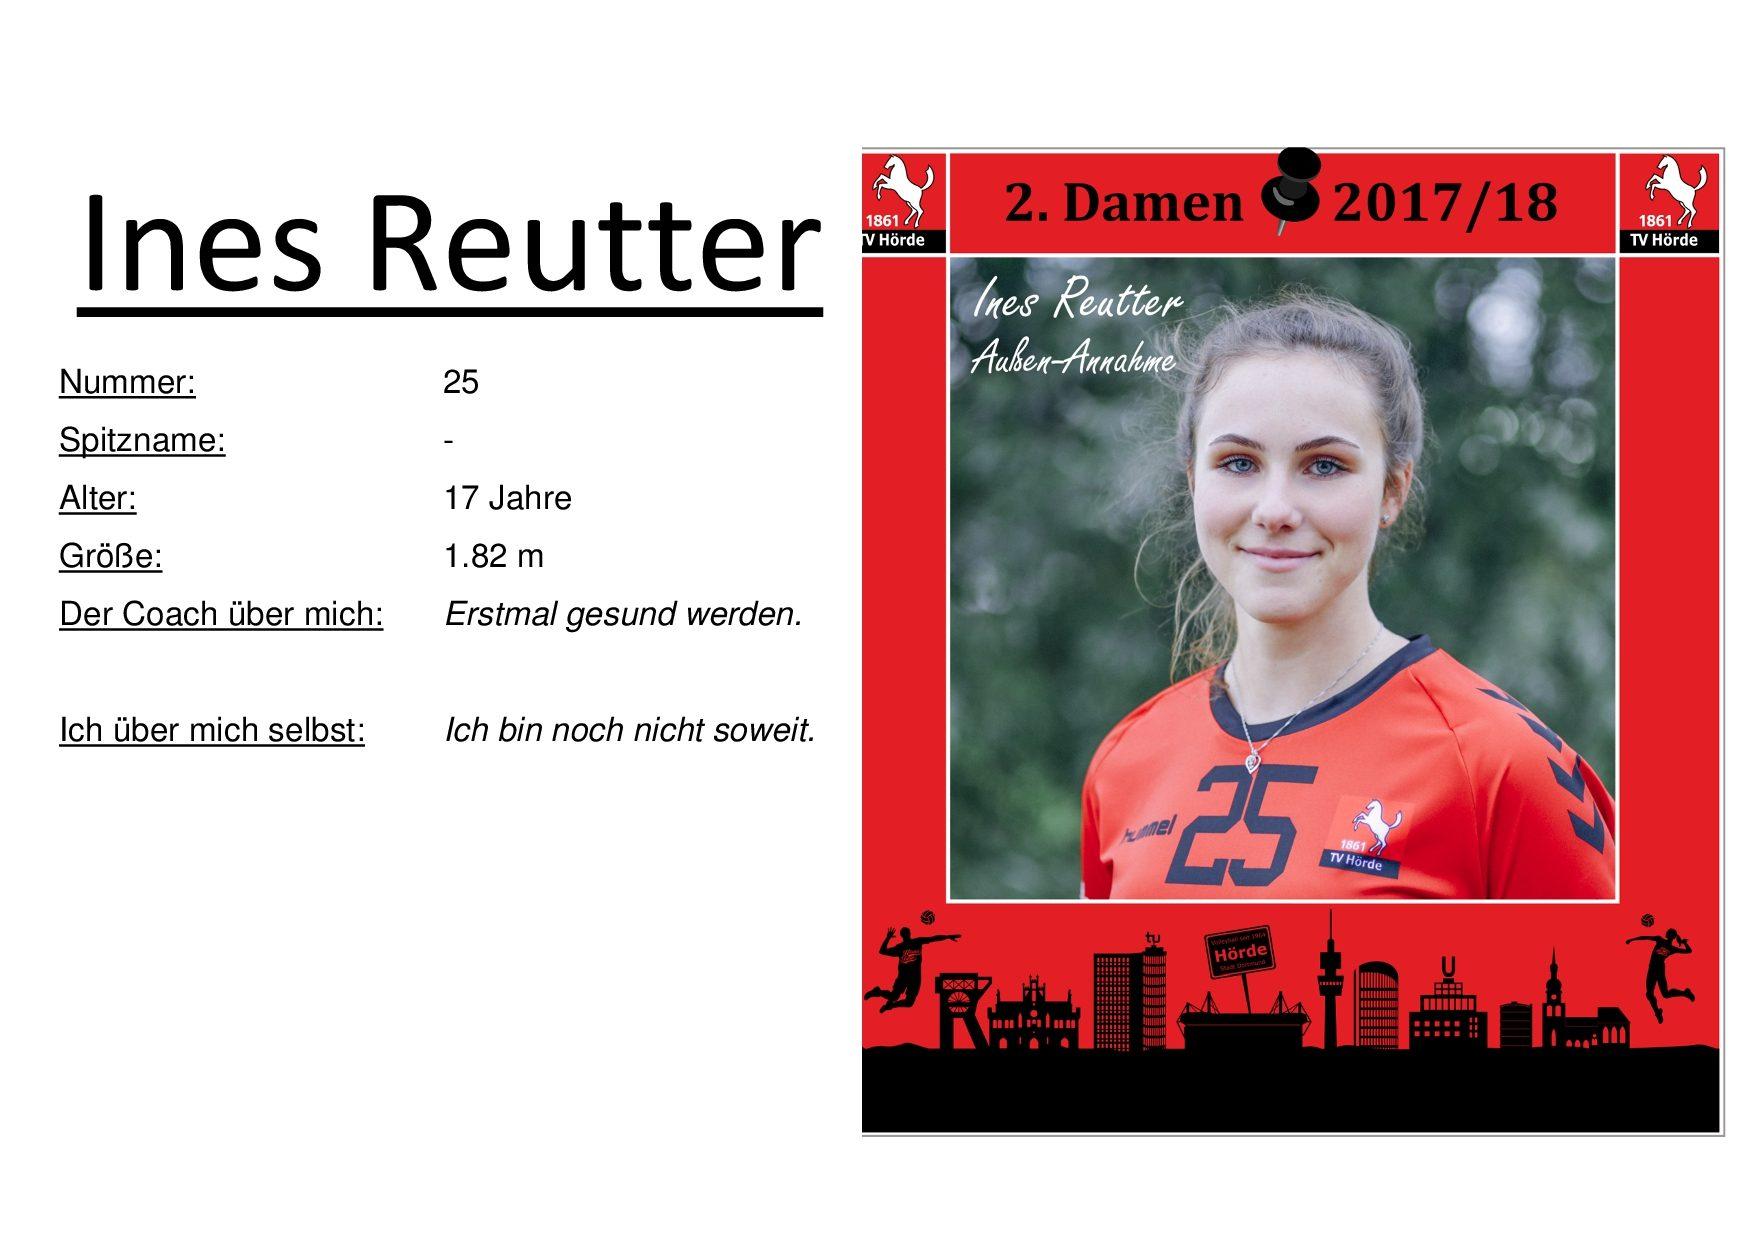 Ines Reutter